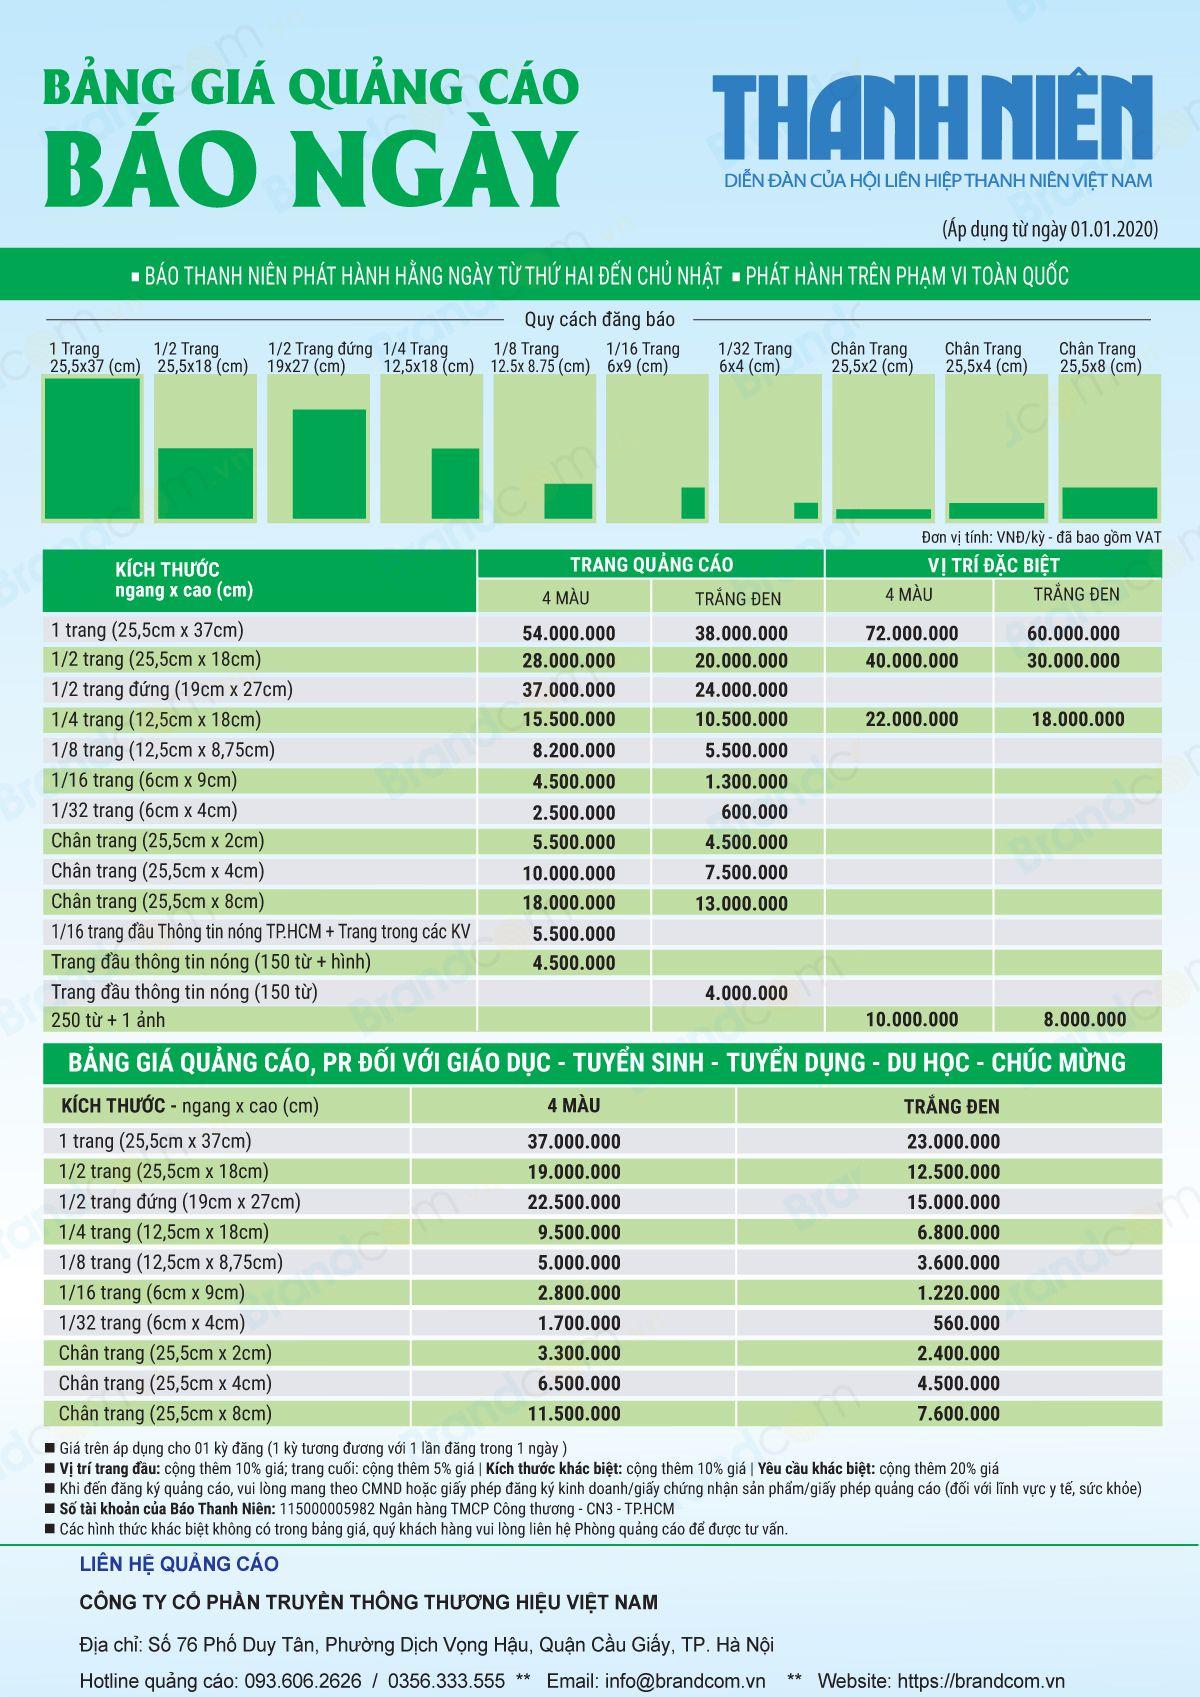 Bảng giá quảng cáo báo thanh niên (báo giấy)